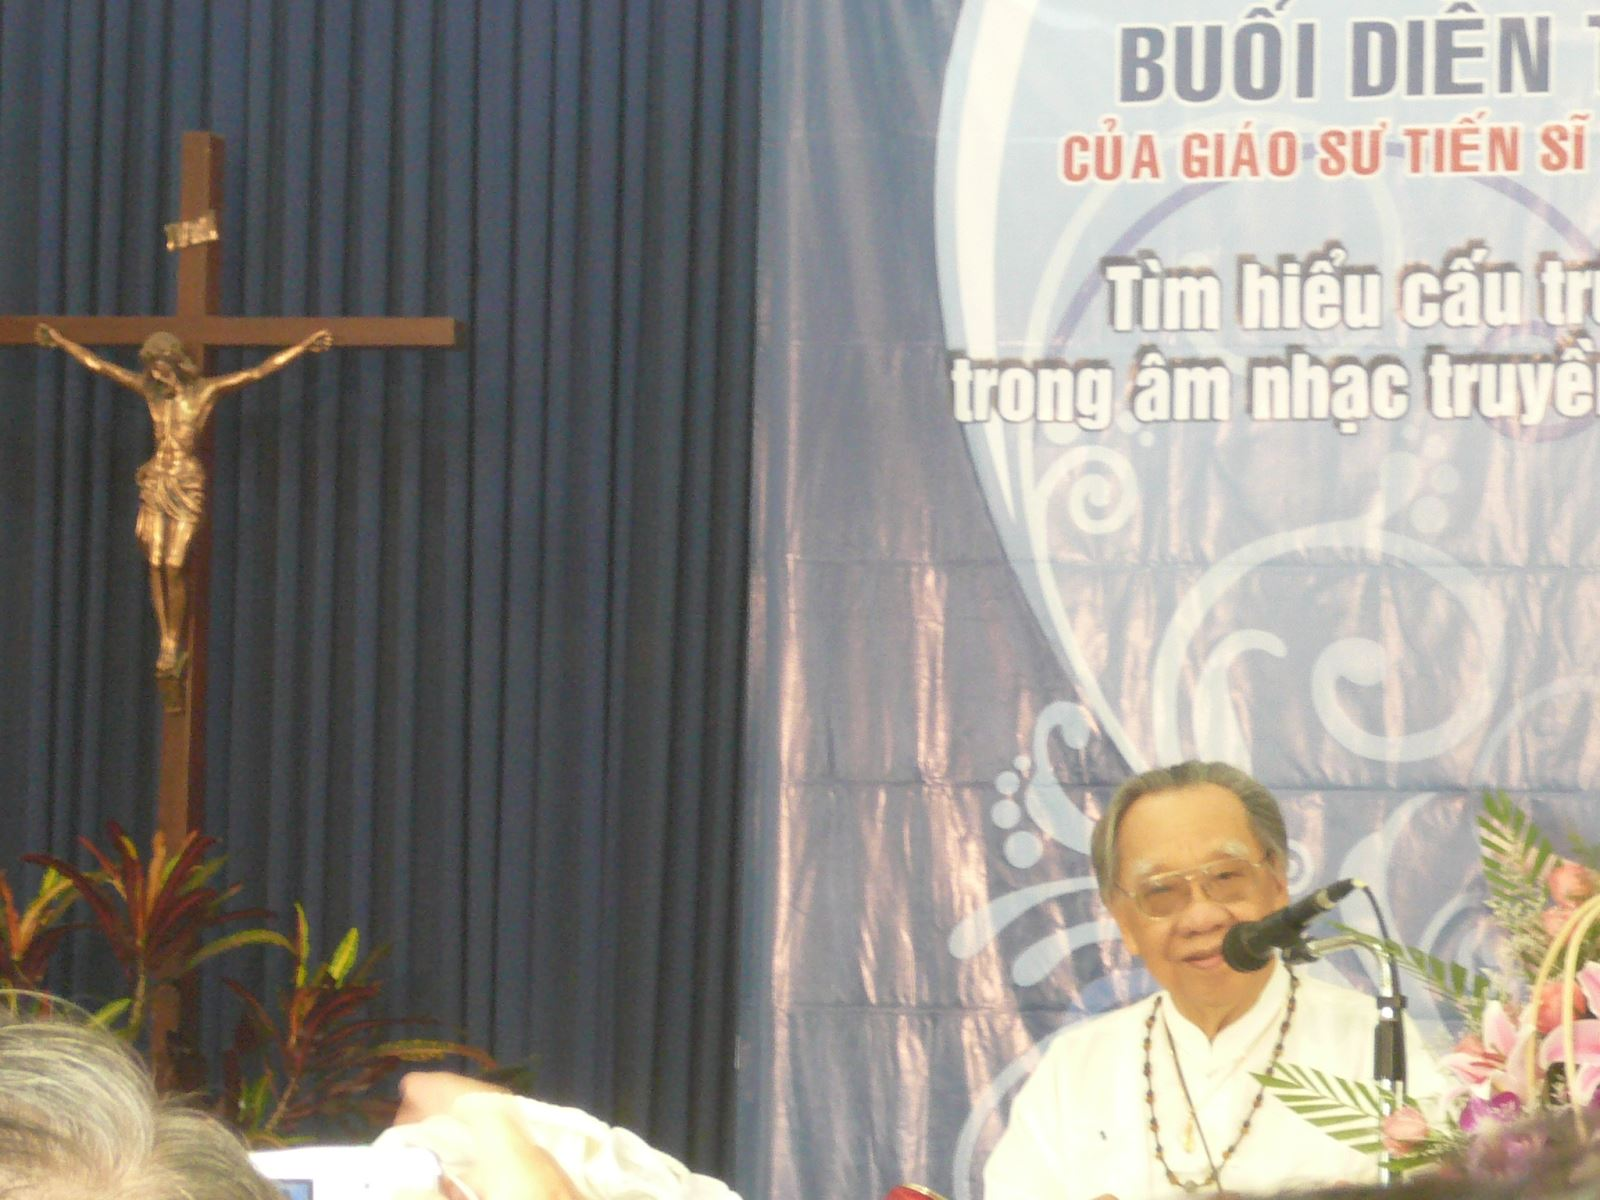 Giáo sư Tiến sĩ Trần Văn Khê, một nhà hoạt động văn hóa nghệ thuật không mệt mỏi - 1